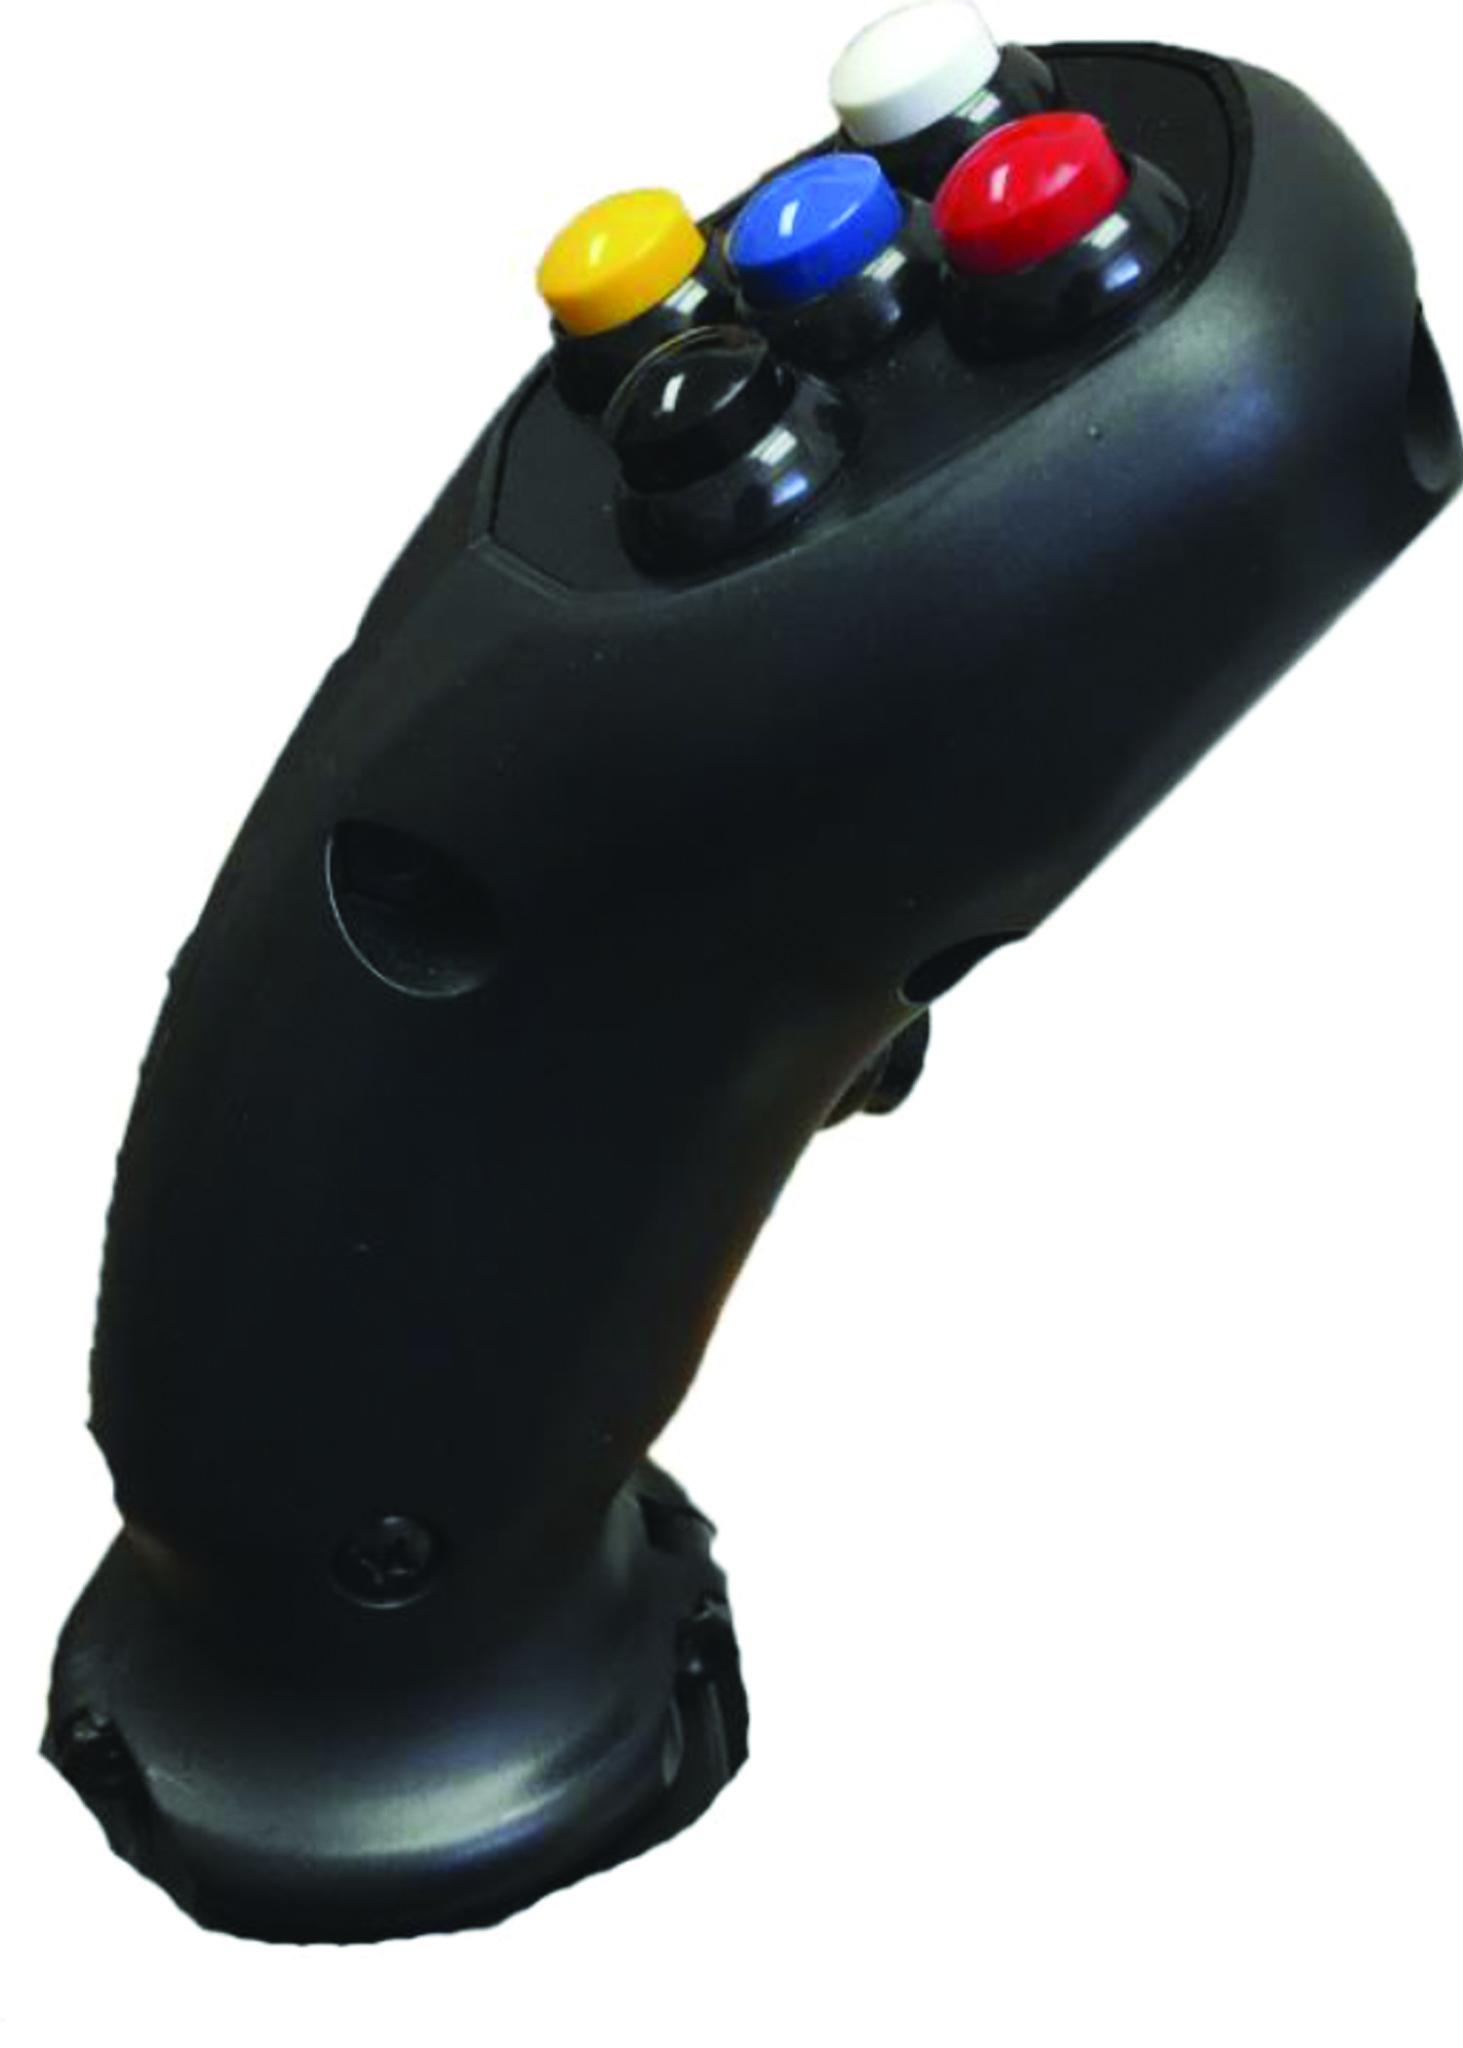 MG6 Joystick Controller